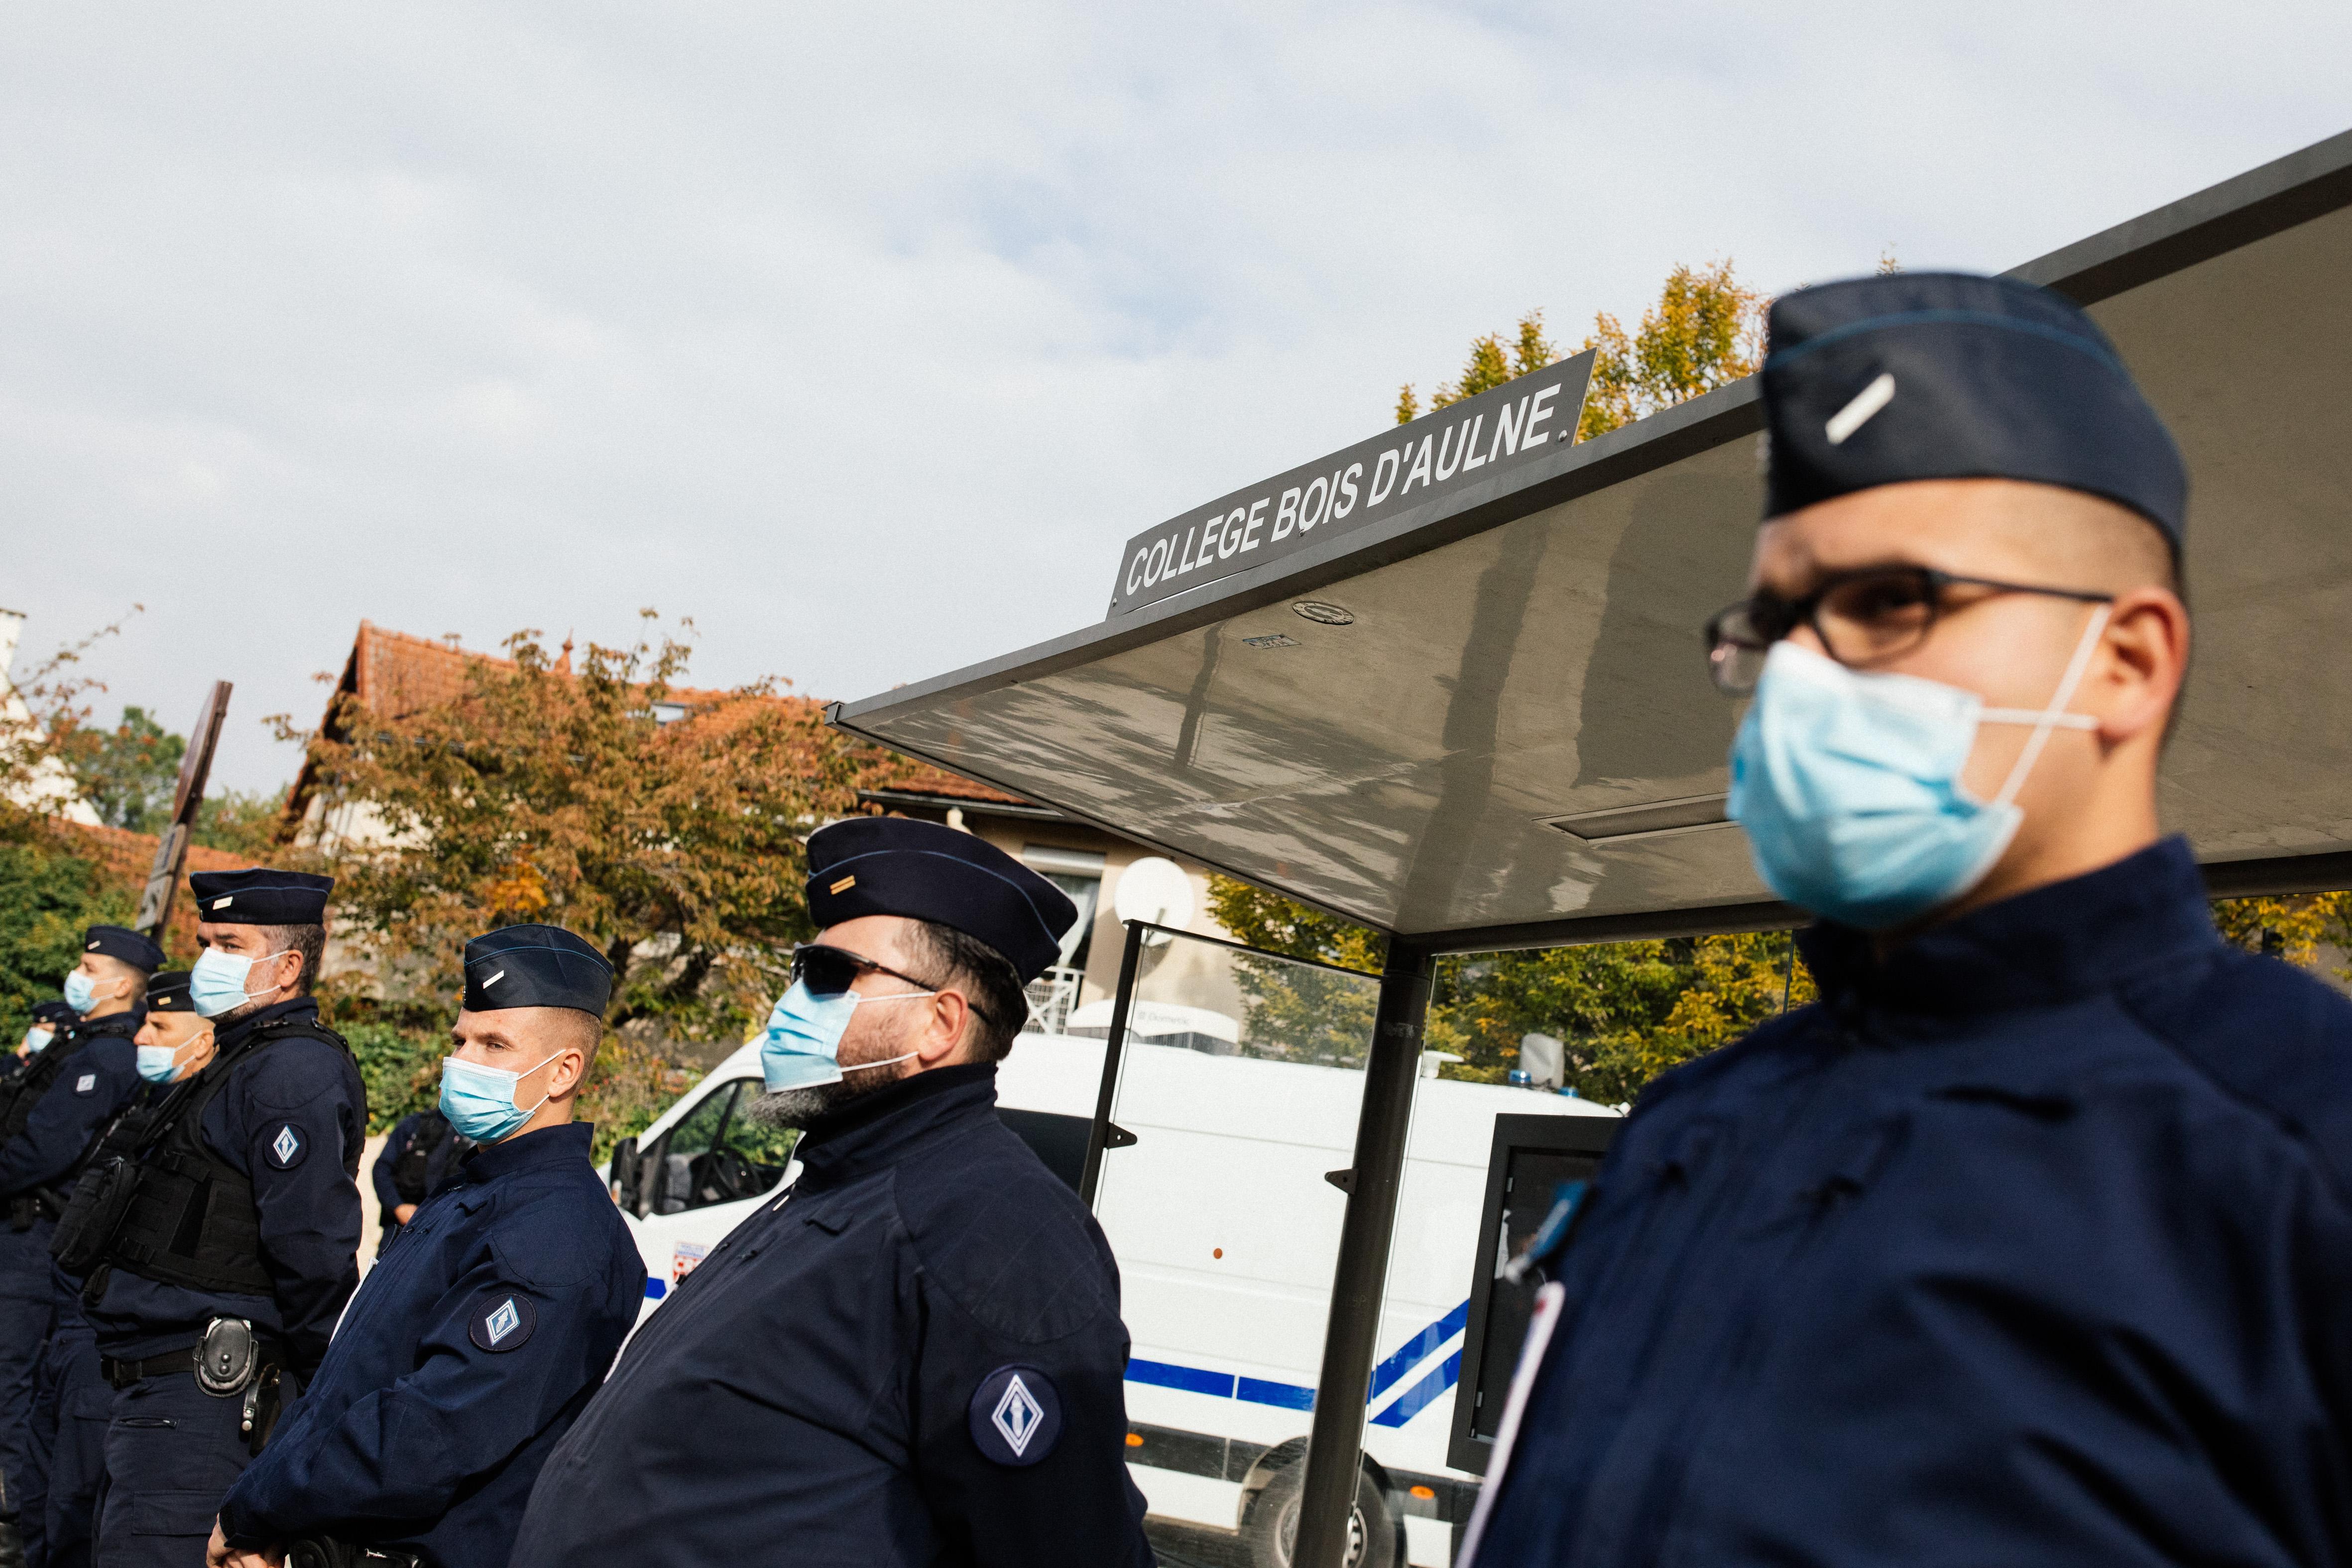 policiers devant le collège